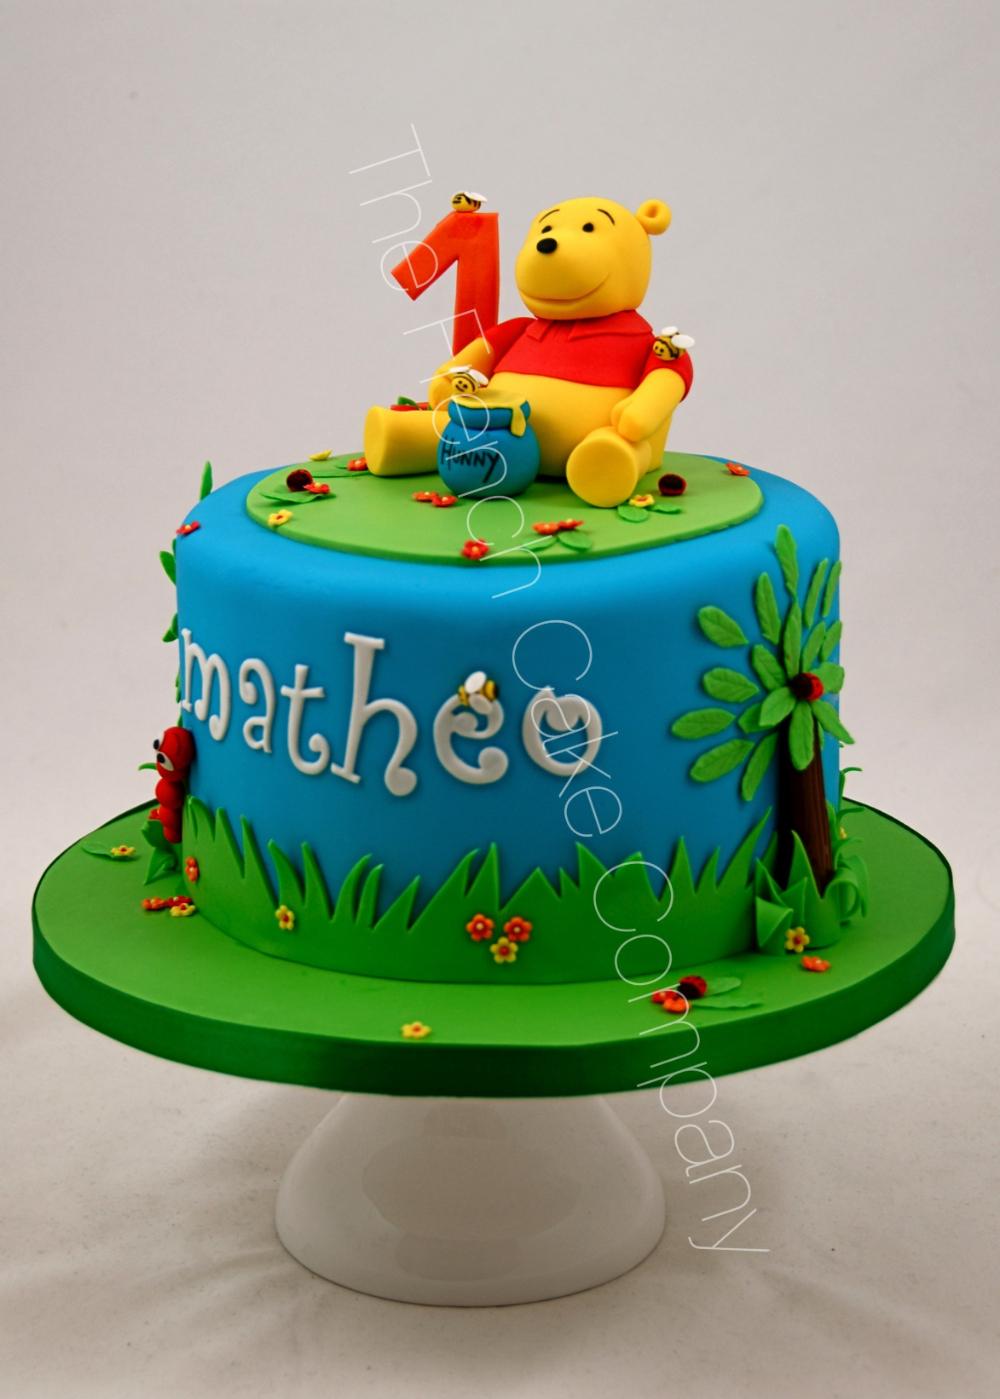 Carte D'anniversaire Winnie L'ourson A Imprimer Unique encequiconcerne Gateau Anniversaire Winnie L Ourson